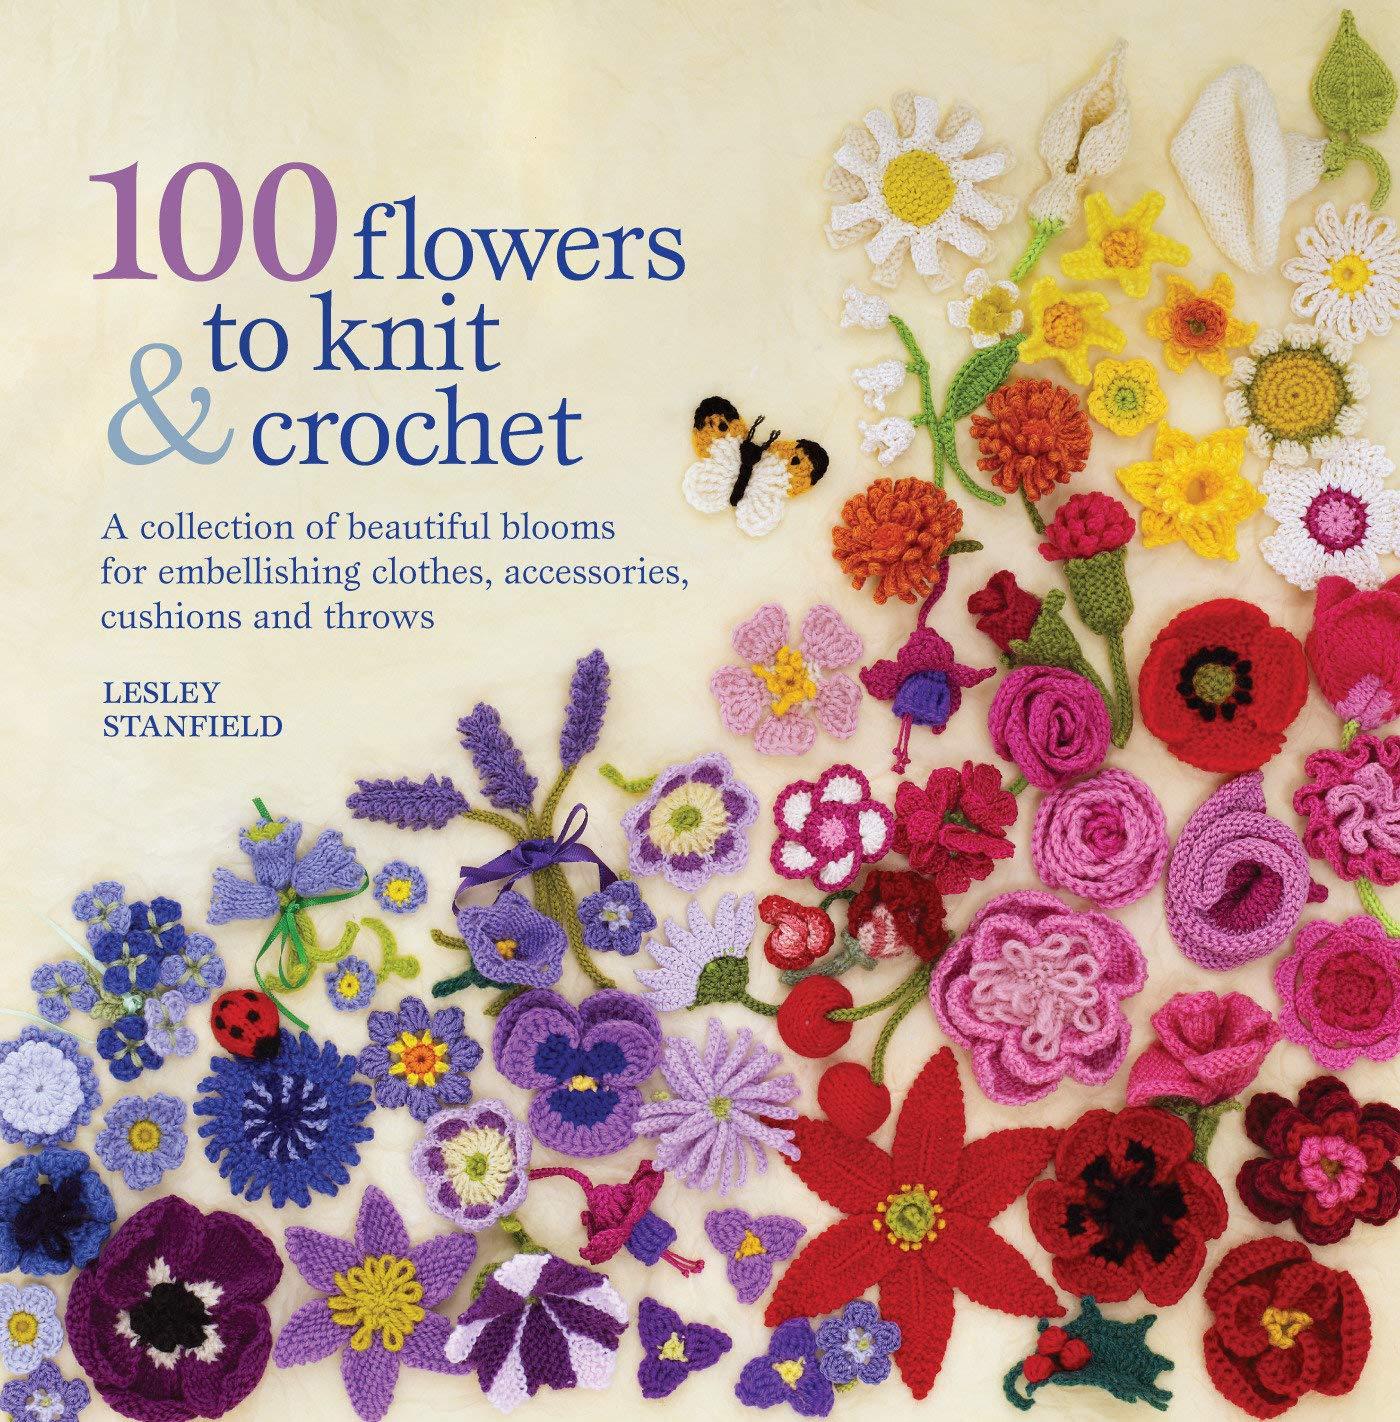 GLITTER BUTTERFLIES Bright Summer Spring Garden Insect Dress It Up Craft Buttons